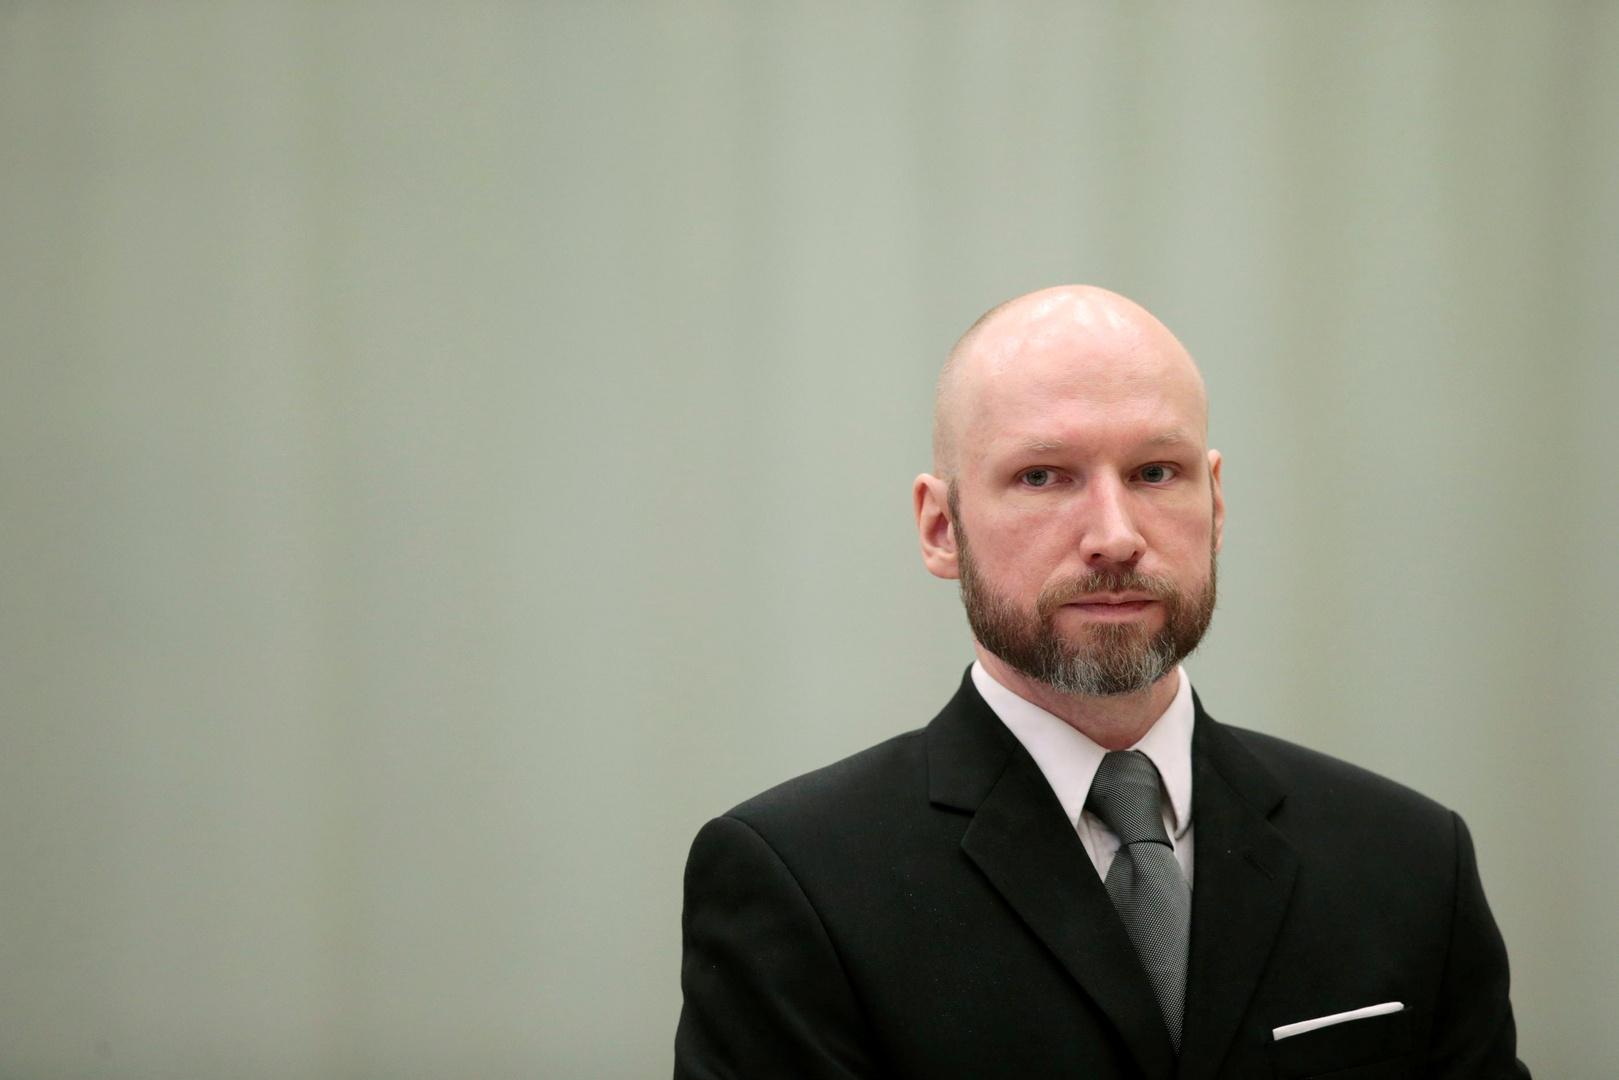 المتطرف اليميني النرويجي، أندرس بريفيك